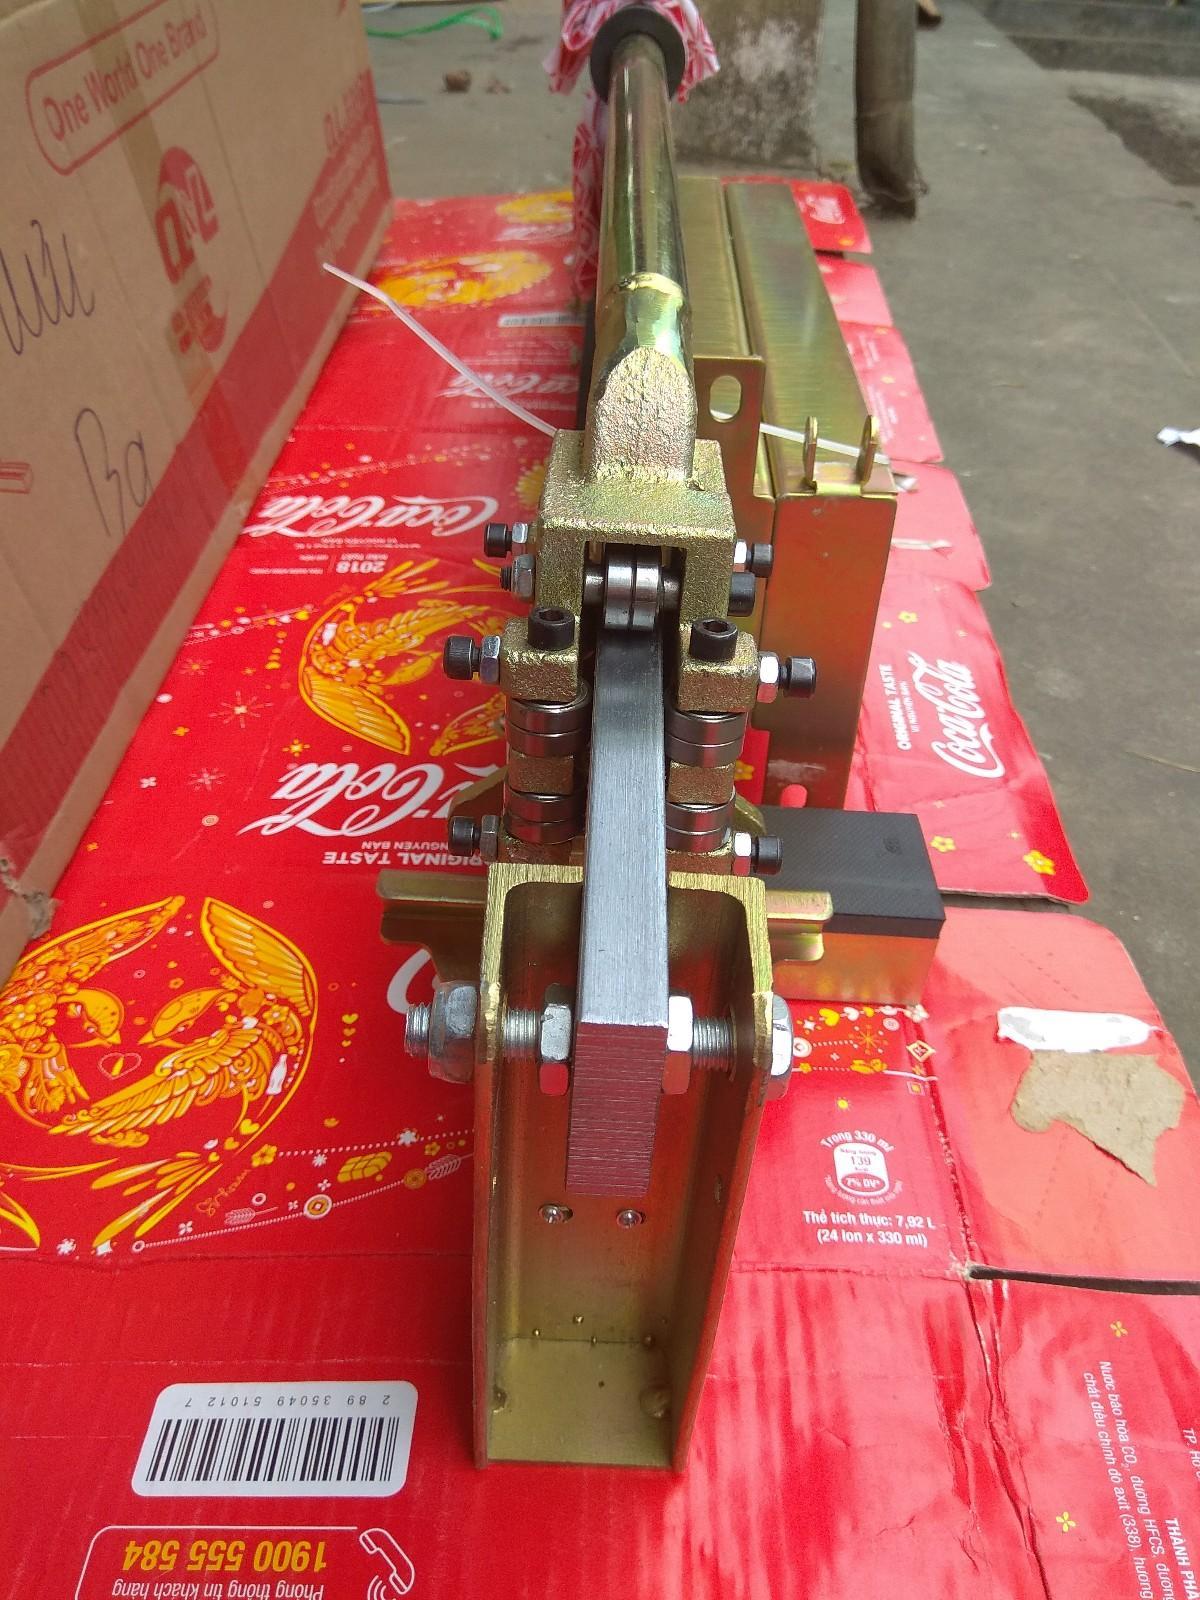 Máy cắt gạch siêu cứng bàn đẩy QL 3388 (cắt 80cm)- Hàng cao cấp Trung Quốc